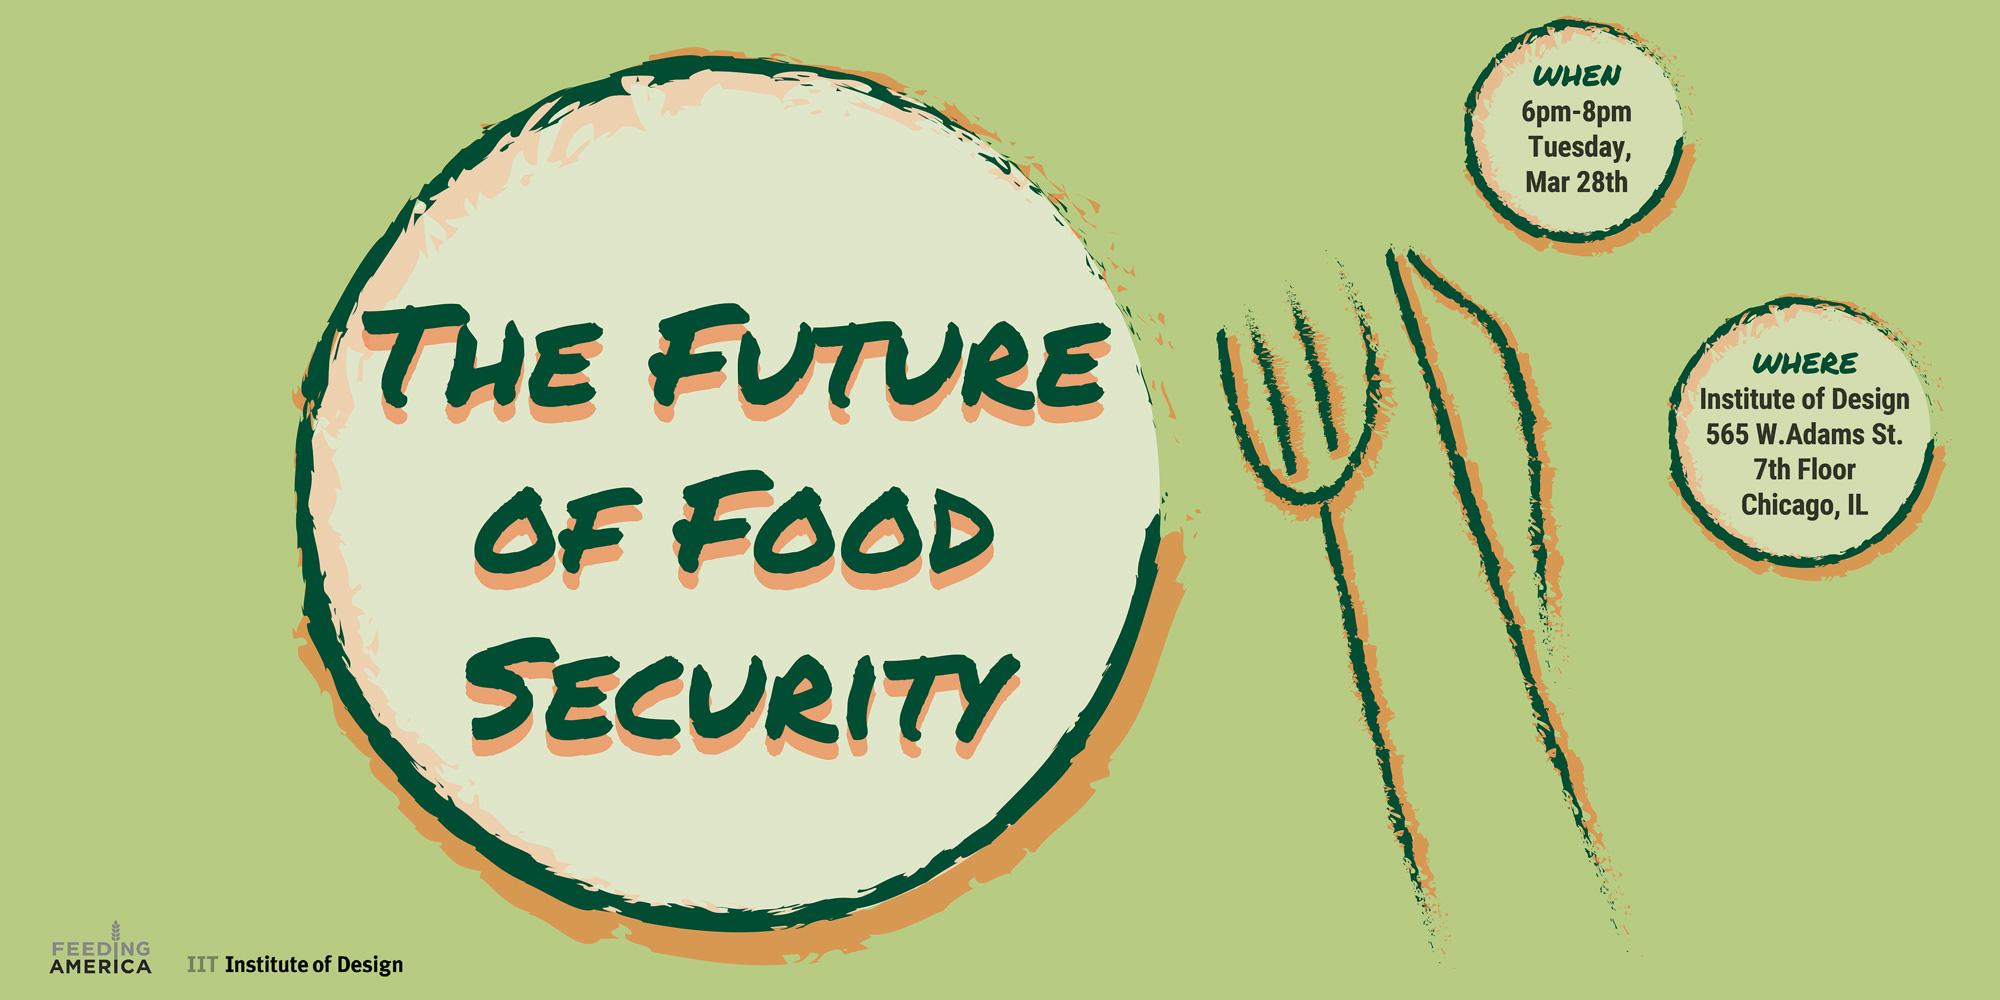 foodsecurity.jpg